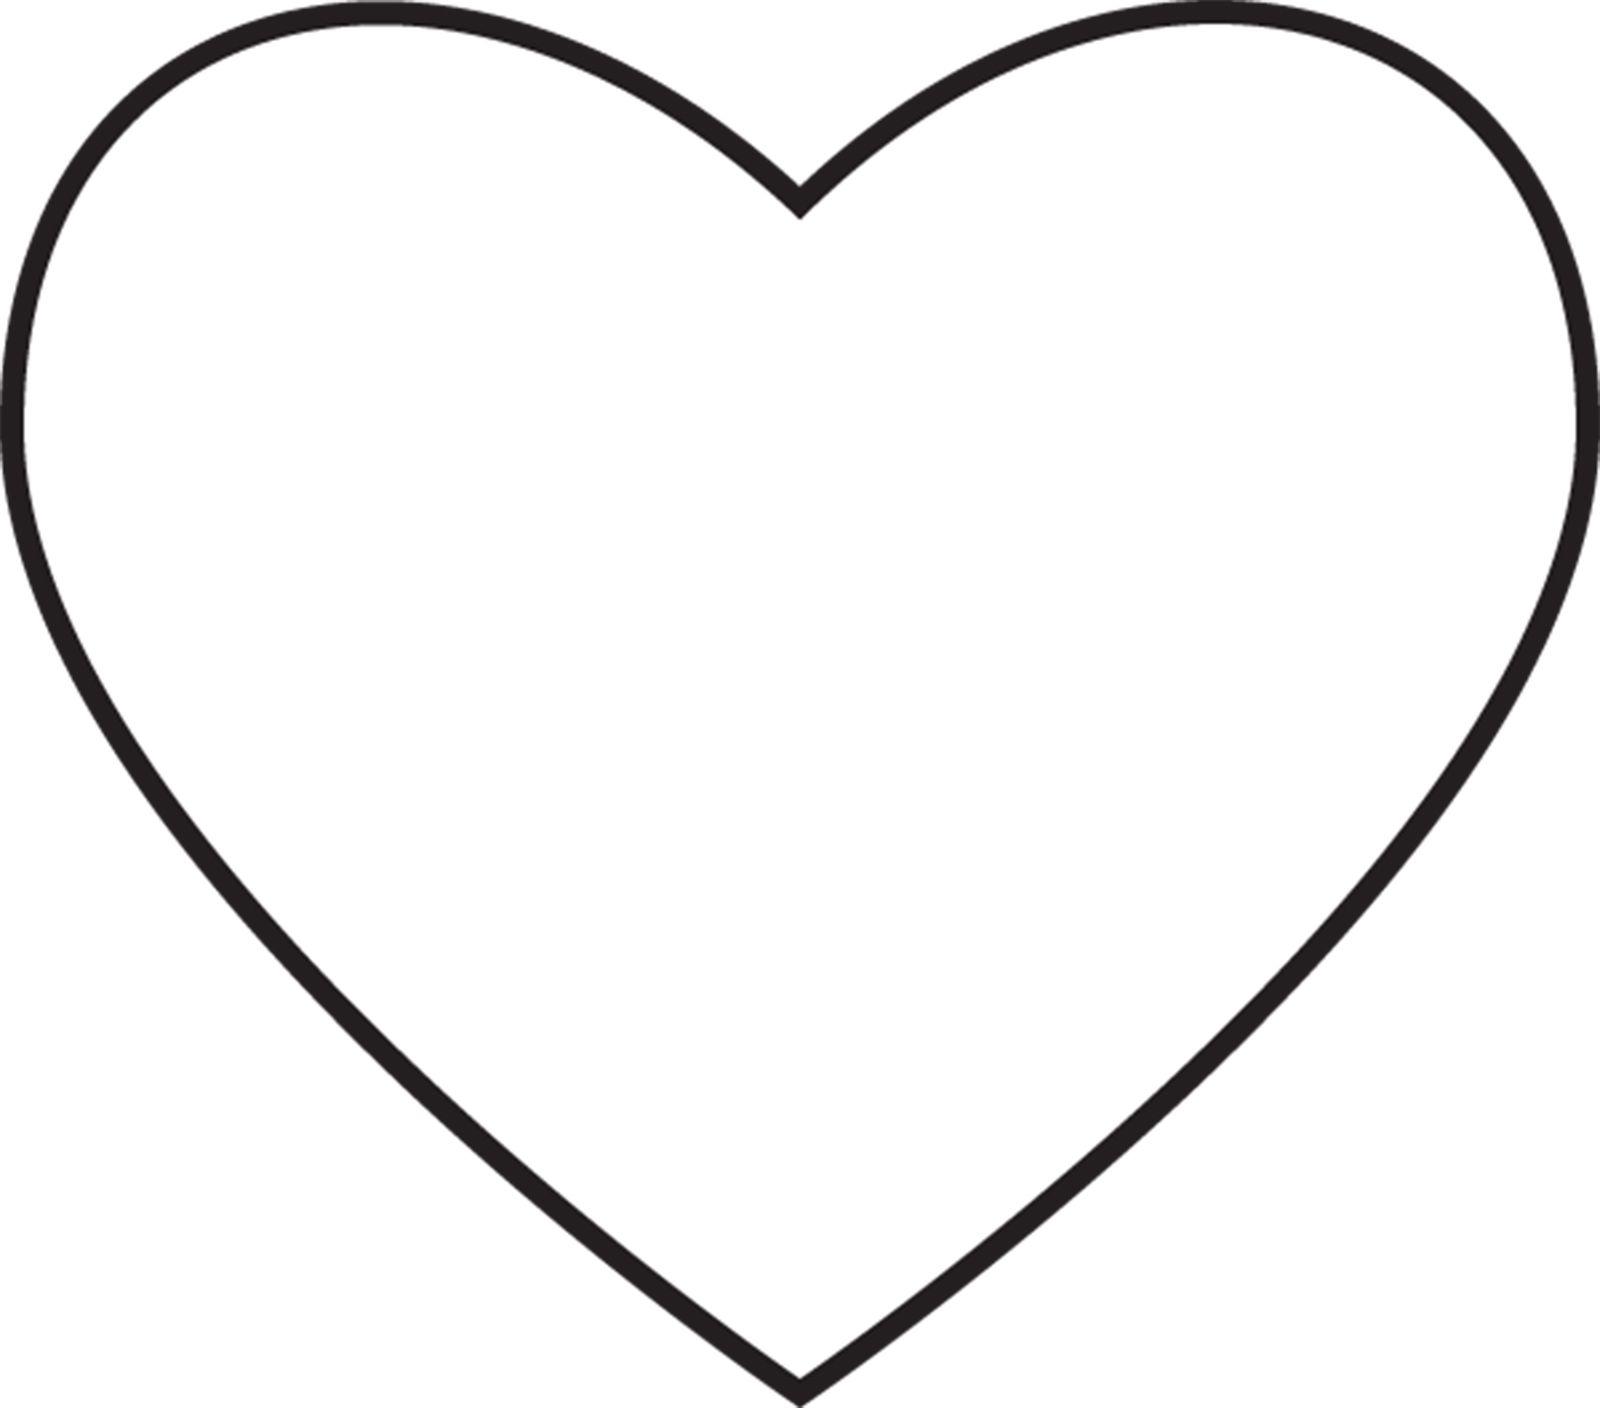 сердечки картинки красивые шаблоны черно белые поражает своим